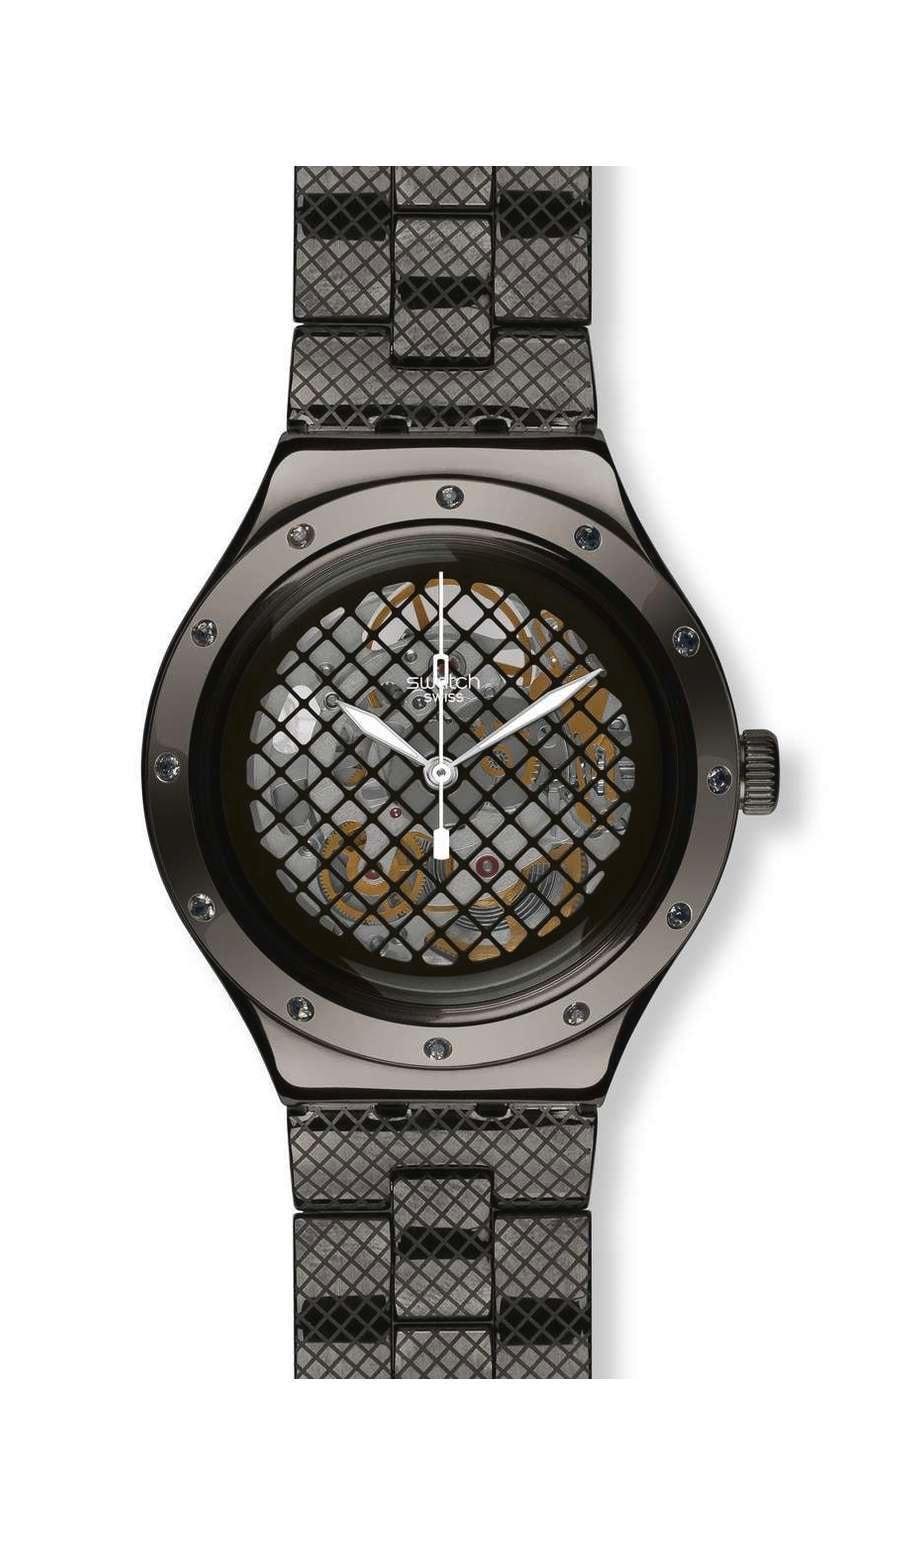 Swatch - VATEL - 1